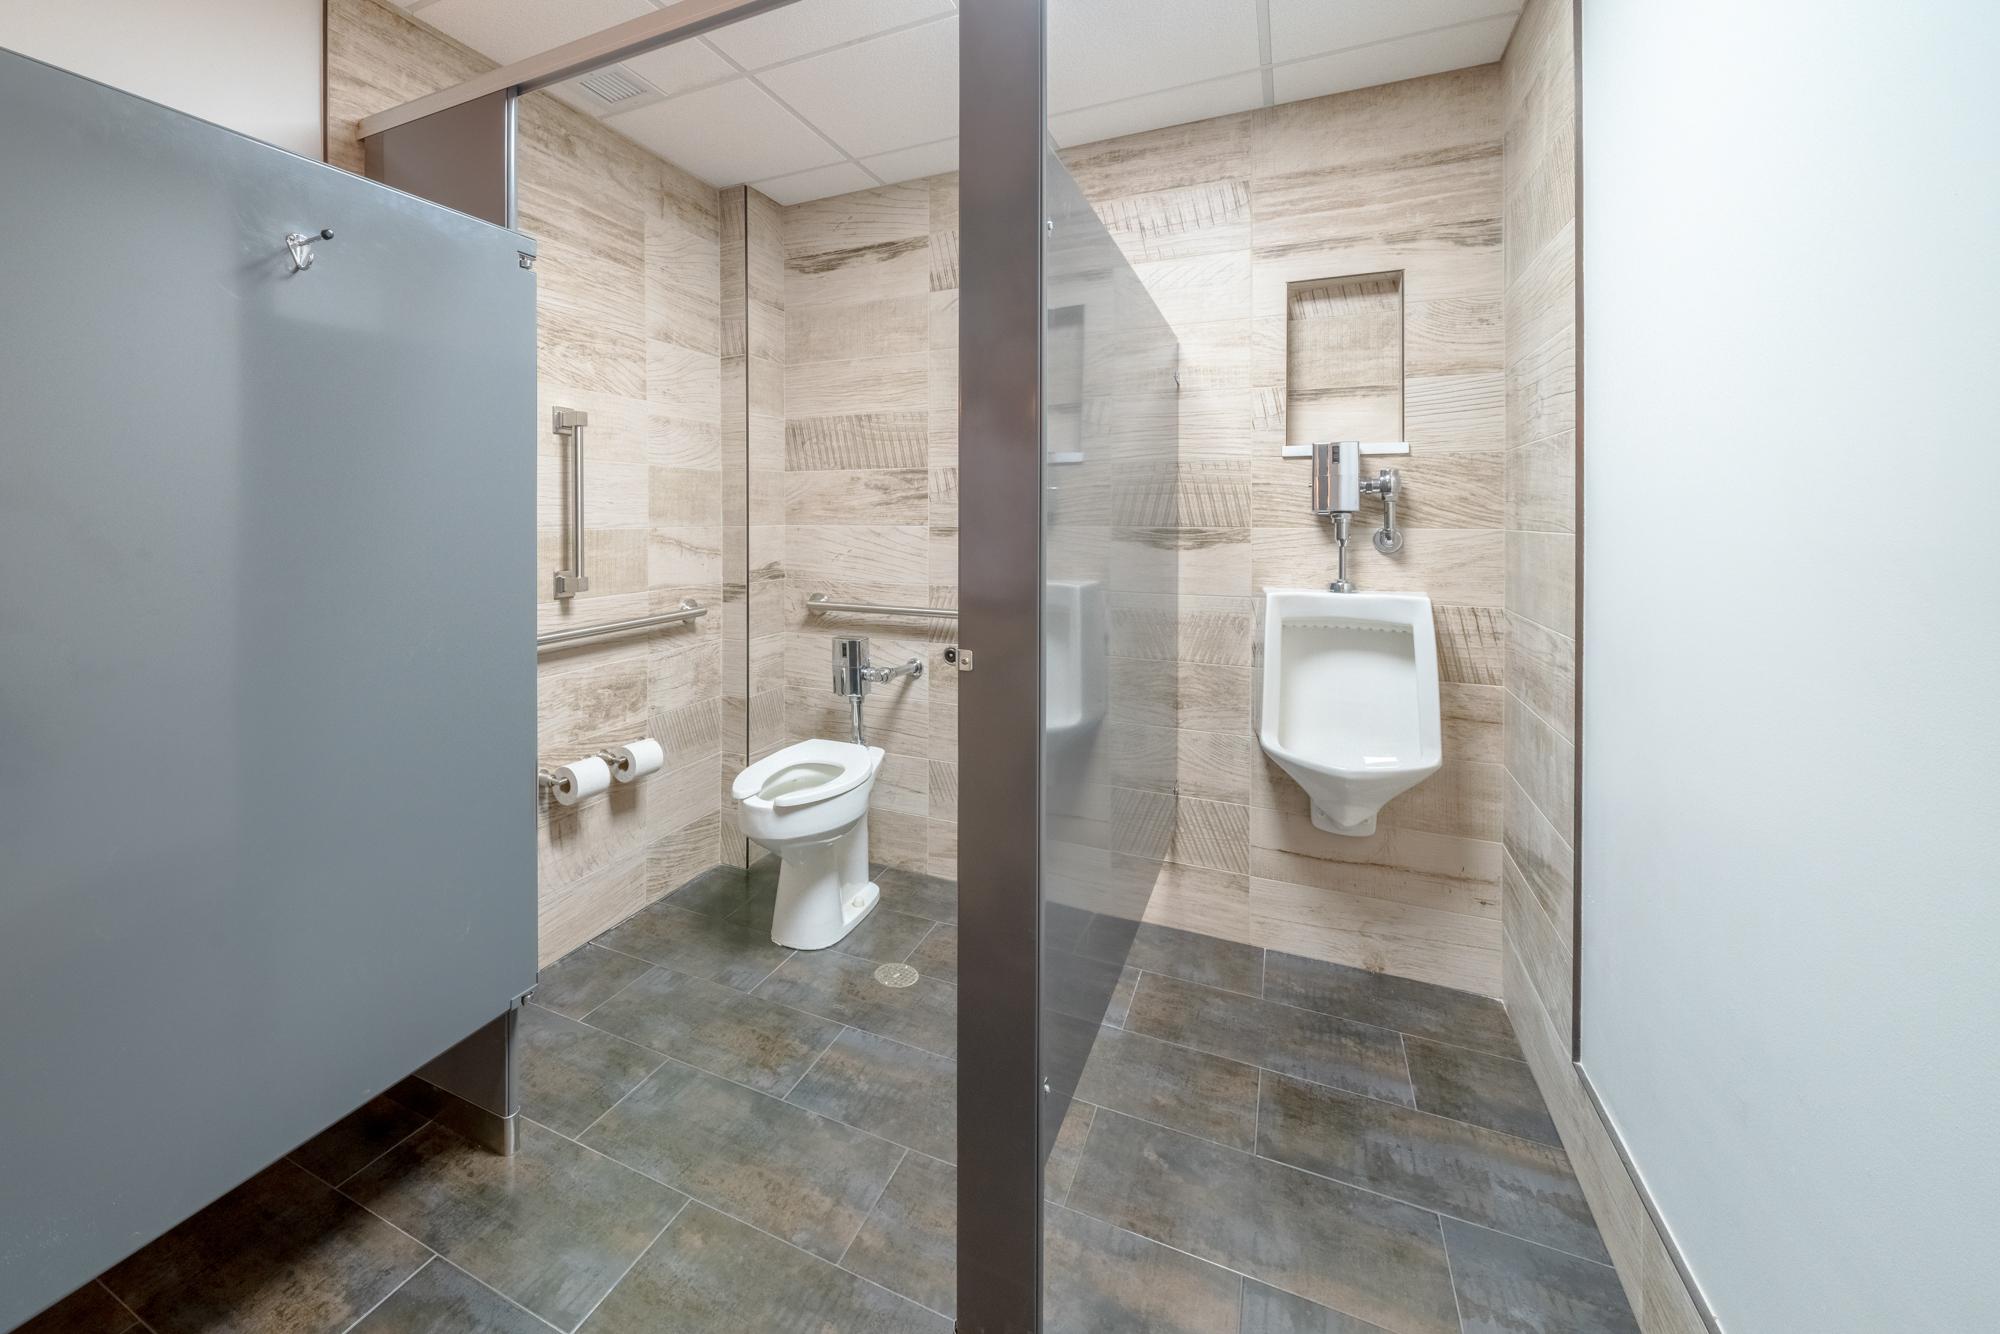 commercial remodeling, bathroom remodeling, commercial bathroom renovation